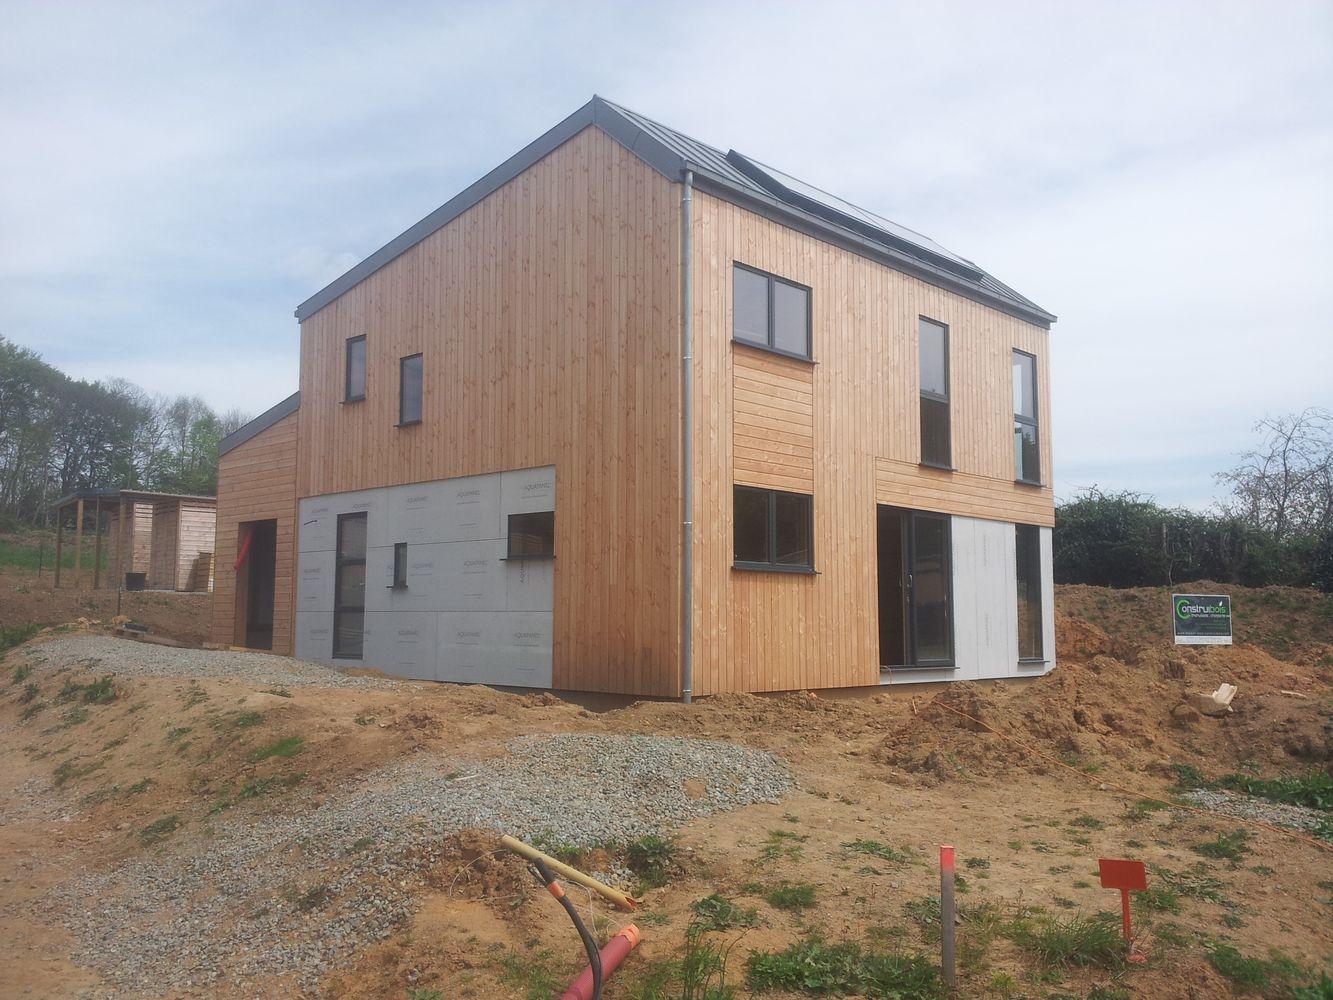 Constructeur maison ossature bois quimper - Interieur maison ossature bois ...